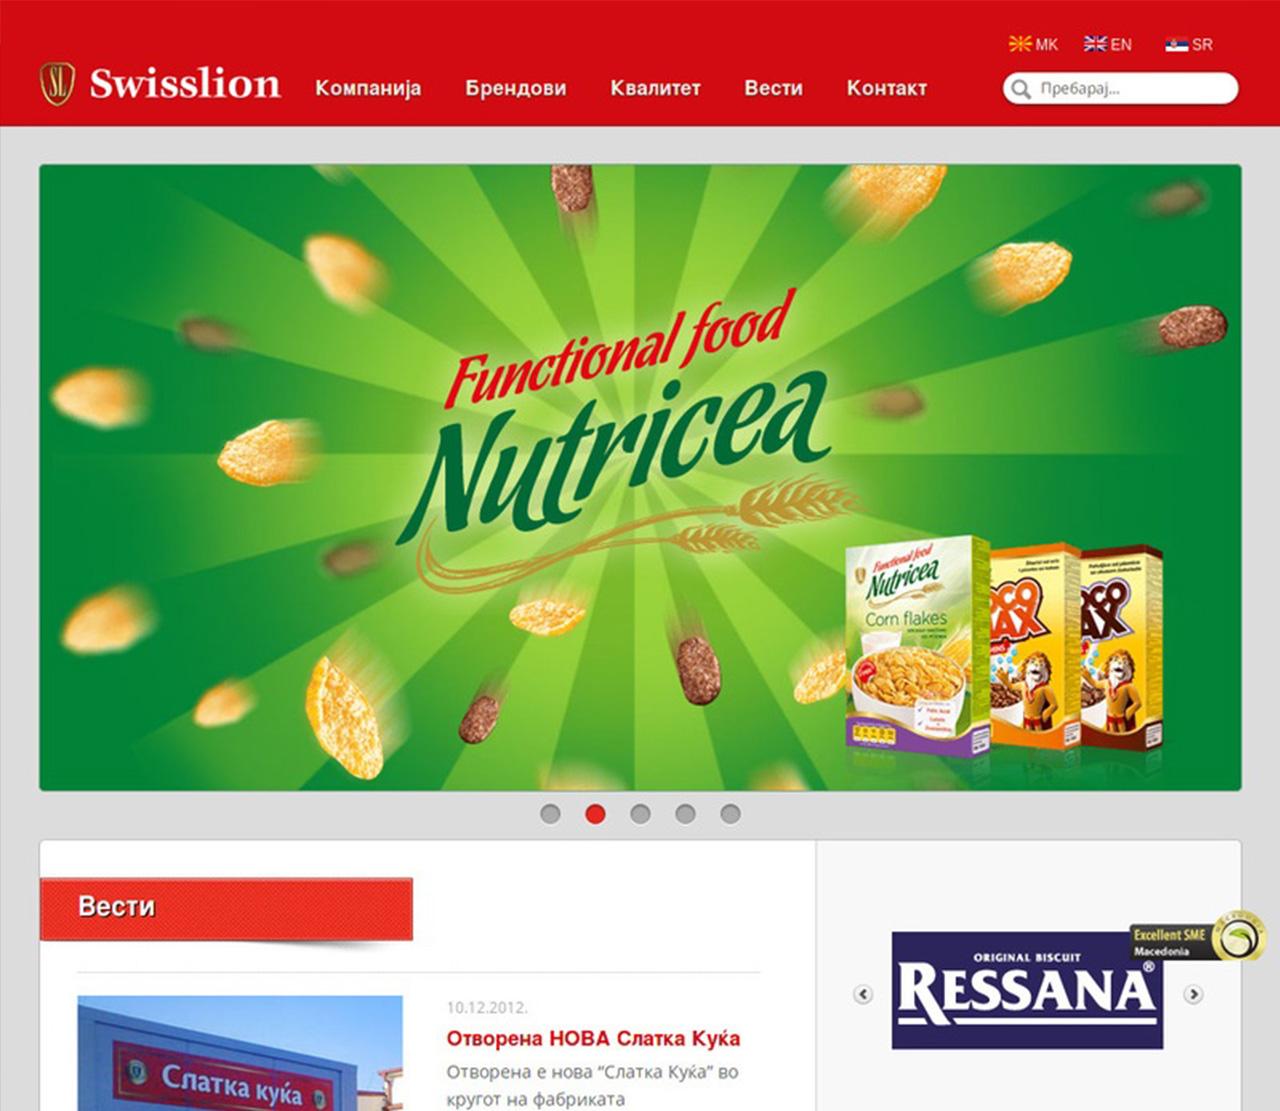 Makedosnki sajt kompanije Swisslion Takovo